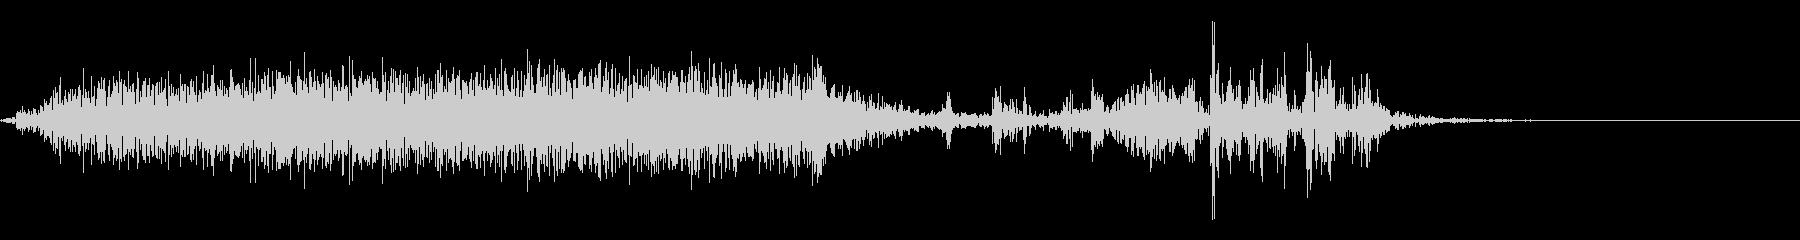 【生録音】本のページをめくる音 3の未再生の波形